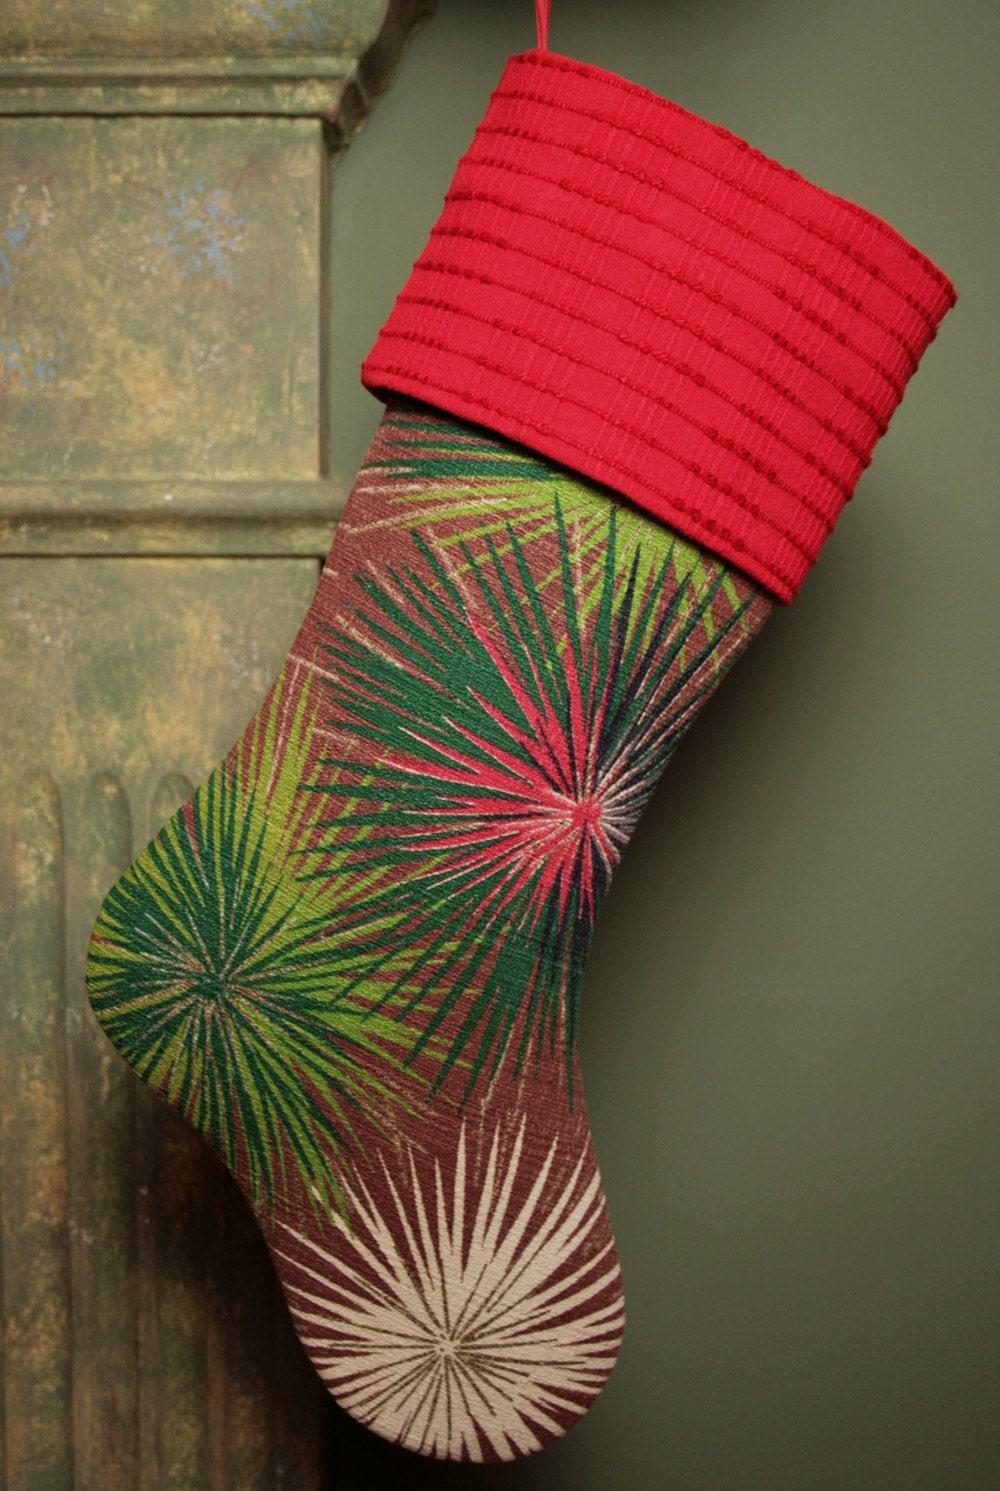 Starburst Дизайн Середина века современный Эймс Vintage Barkcloth Рождества чулок с Vintage манжеты синель